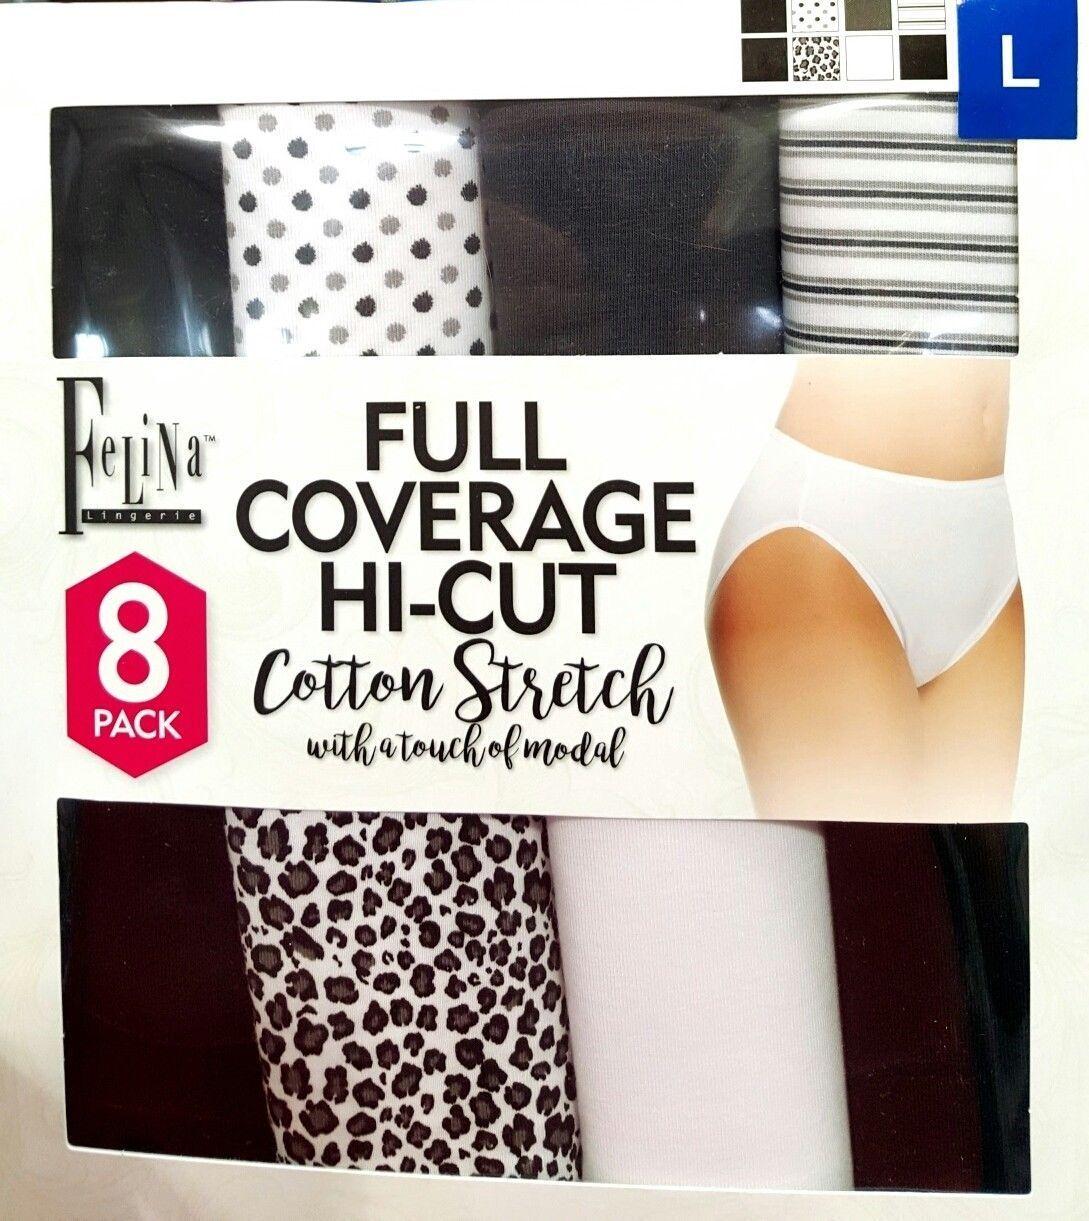 New Women Ladies Felina Cotton Stretch 6 Pack Hi Cut Bikini Underwear S M L XL